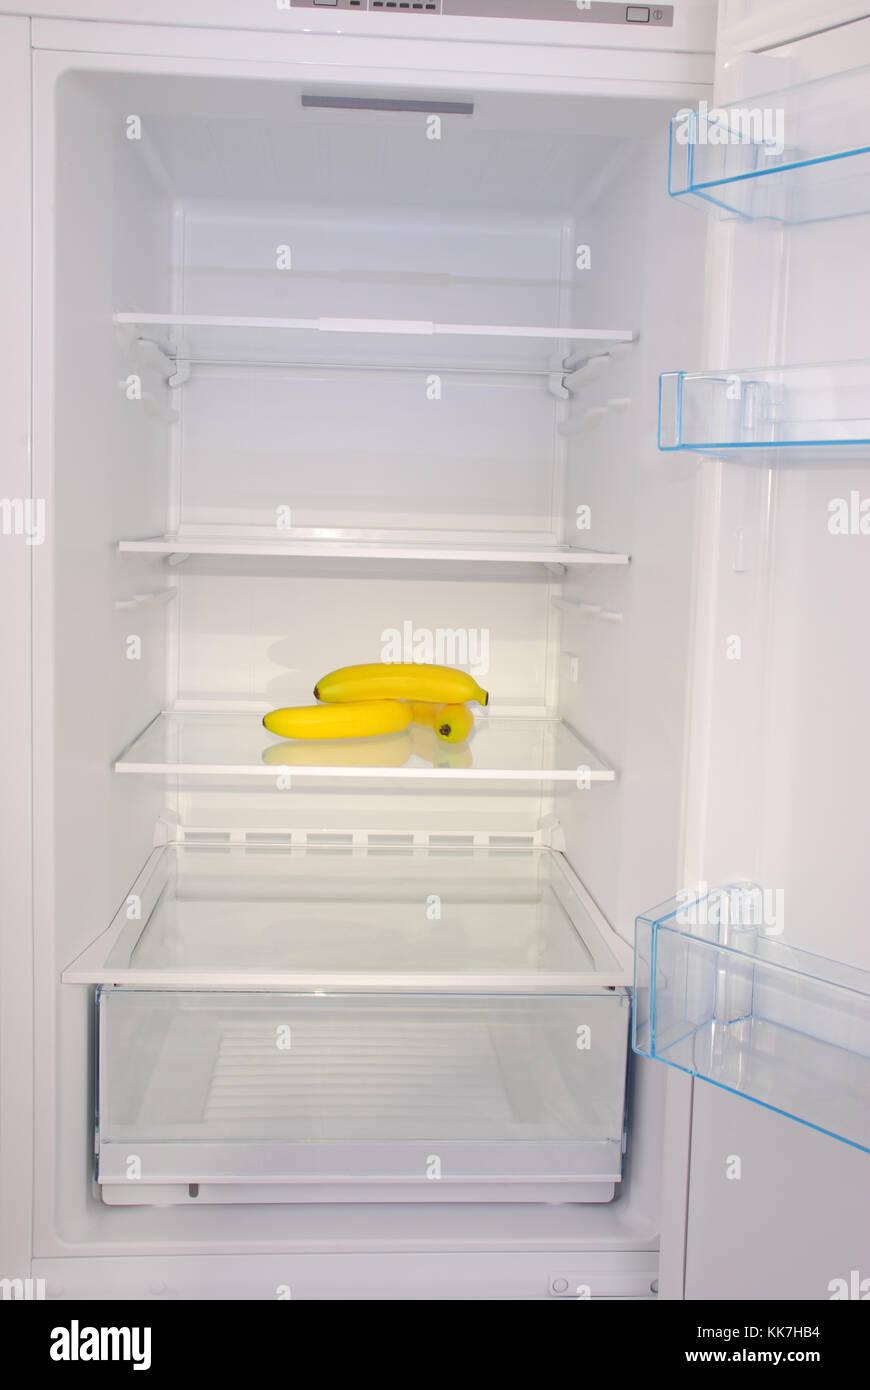 open empty refrigerator door open stock photos open. Black Bedroom Furniture Sets. Home Design Ideas